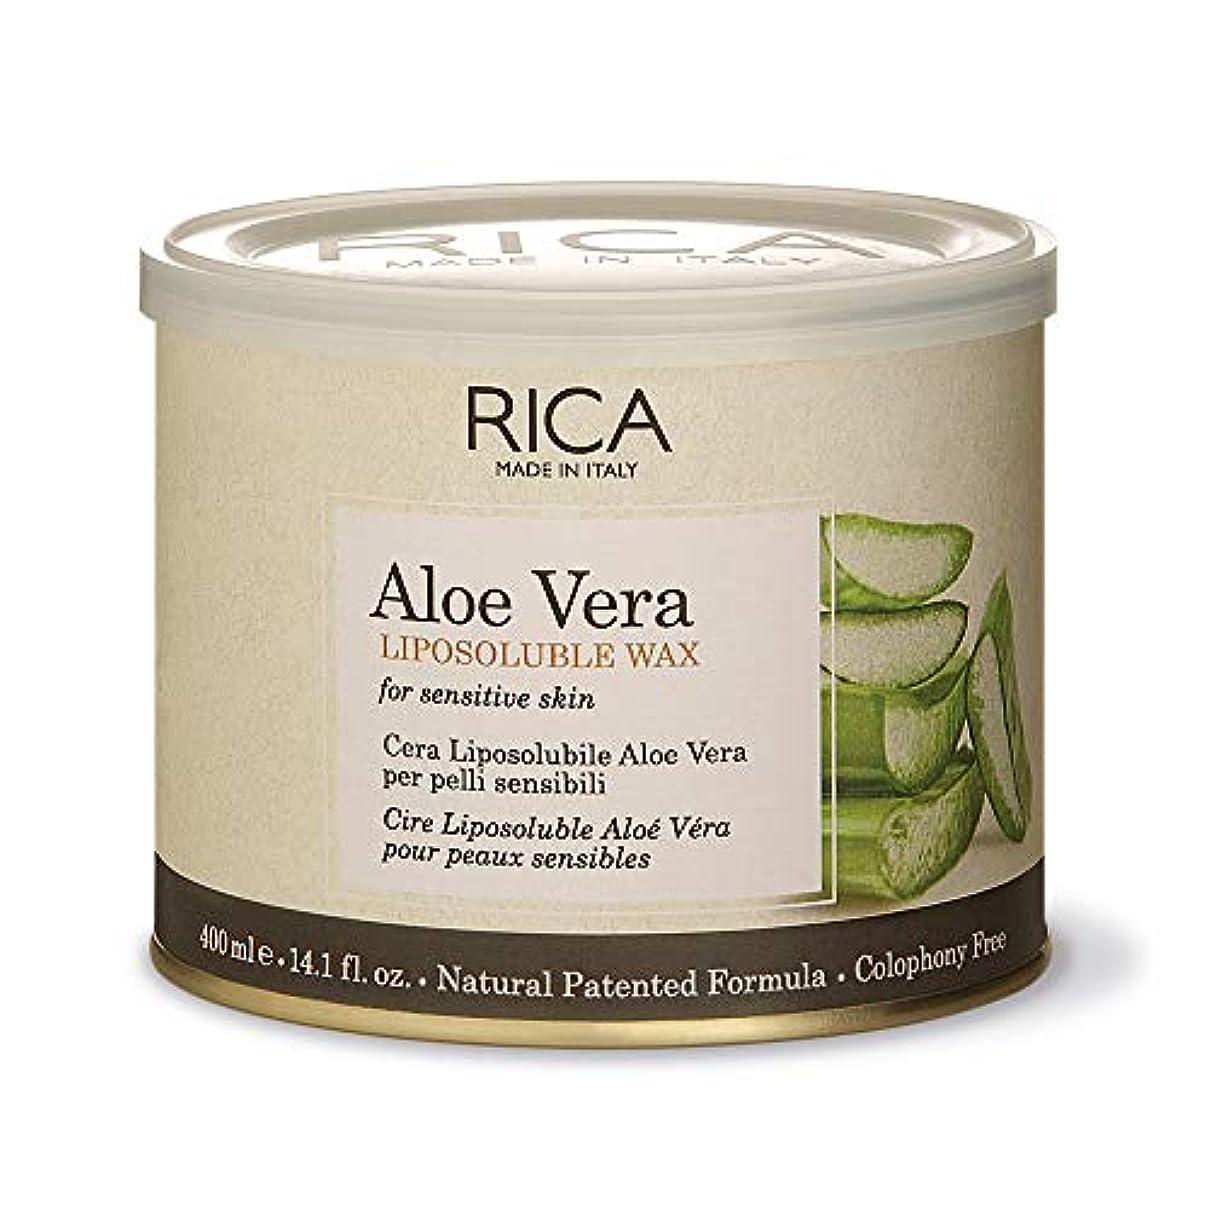 回復する獲物気味の悪いブラジリアンワックス RICA アロエベラ リポソルブル ワックス (400ml)